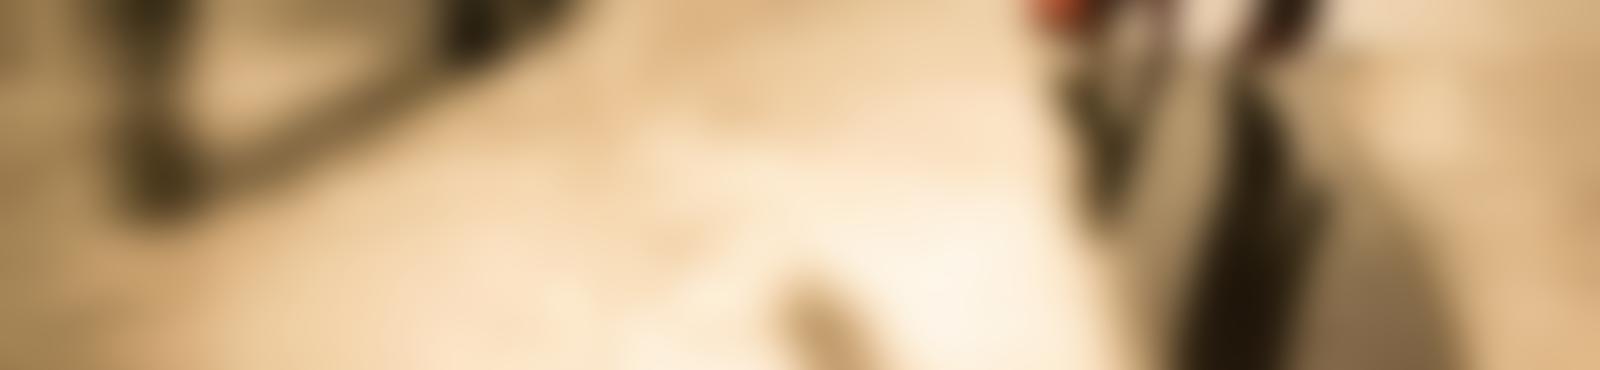 Blurred 6856a1c6 dd8a 4fdb a8dc 0552a35d0c4a